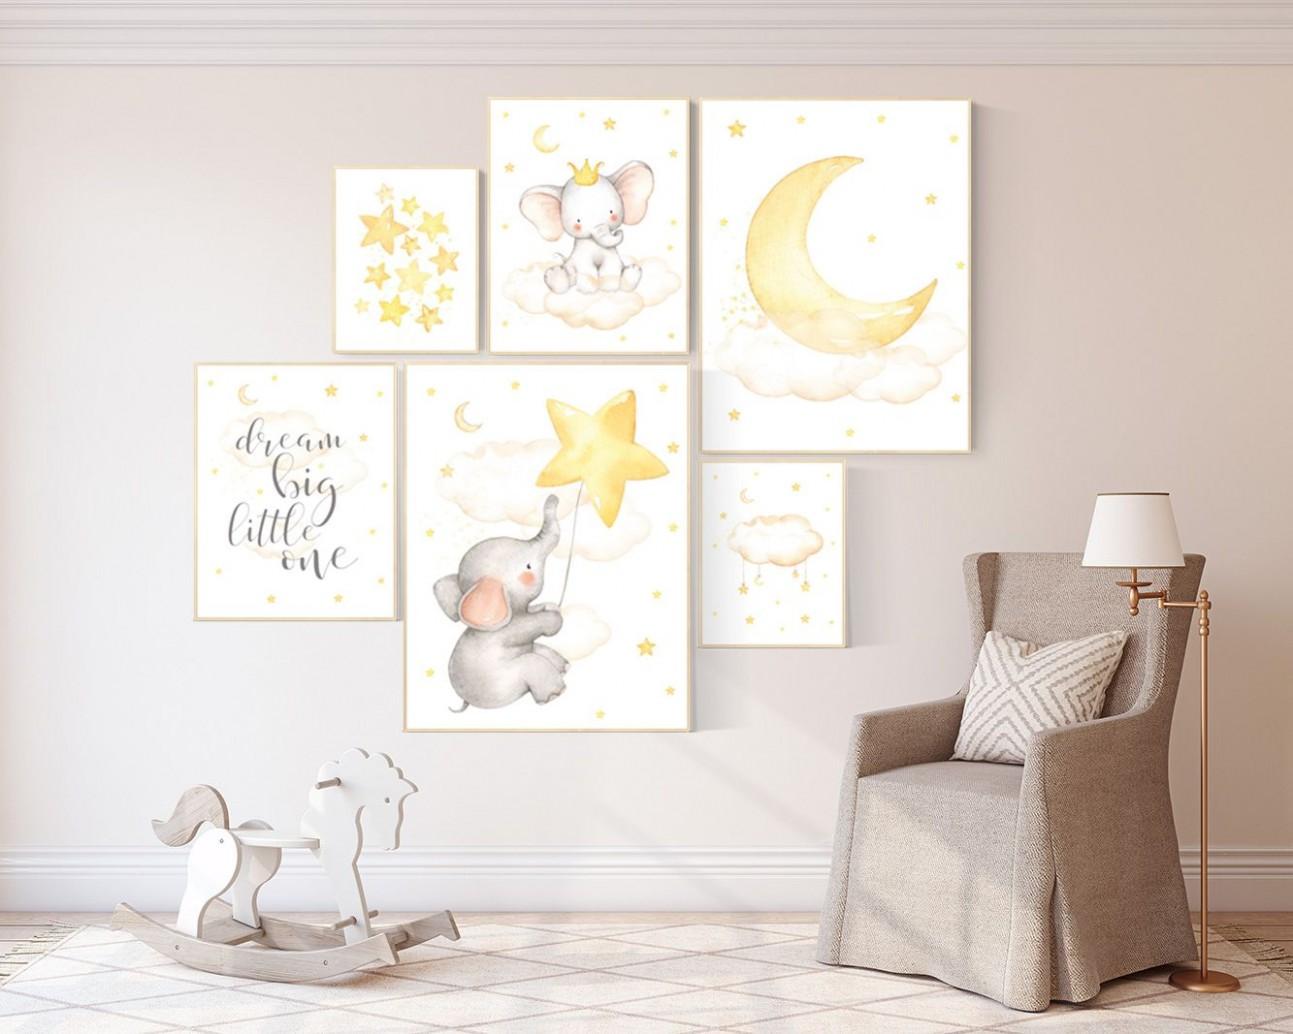 Nursery decor elephant nursery wall art neutral twinkle  Etsy in  - Baby Room Wall